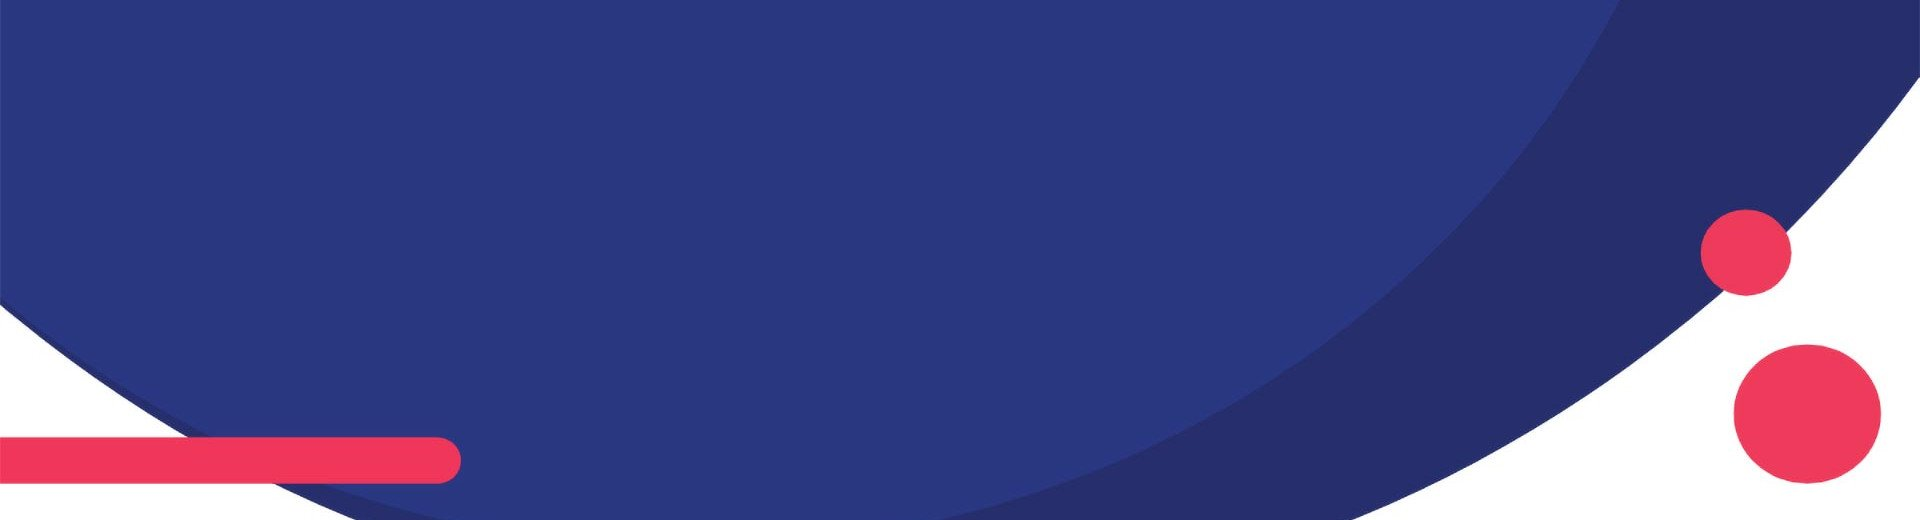 Okładka artykułu 5 edycja konferencji I DESIGN — Weź udział w wydarzeniu i pomóż potrzebującym